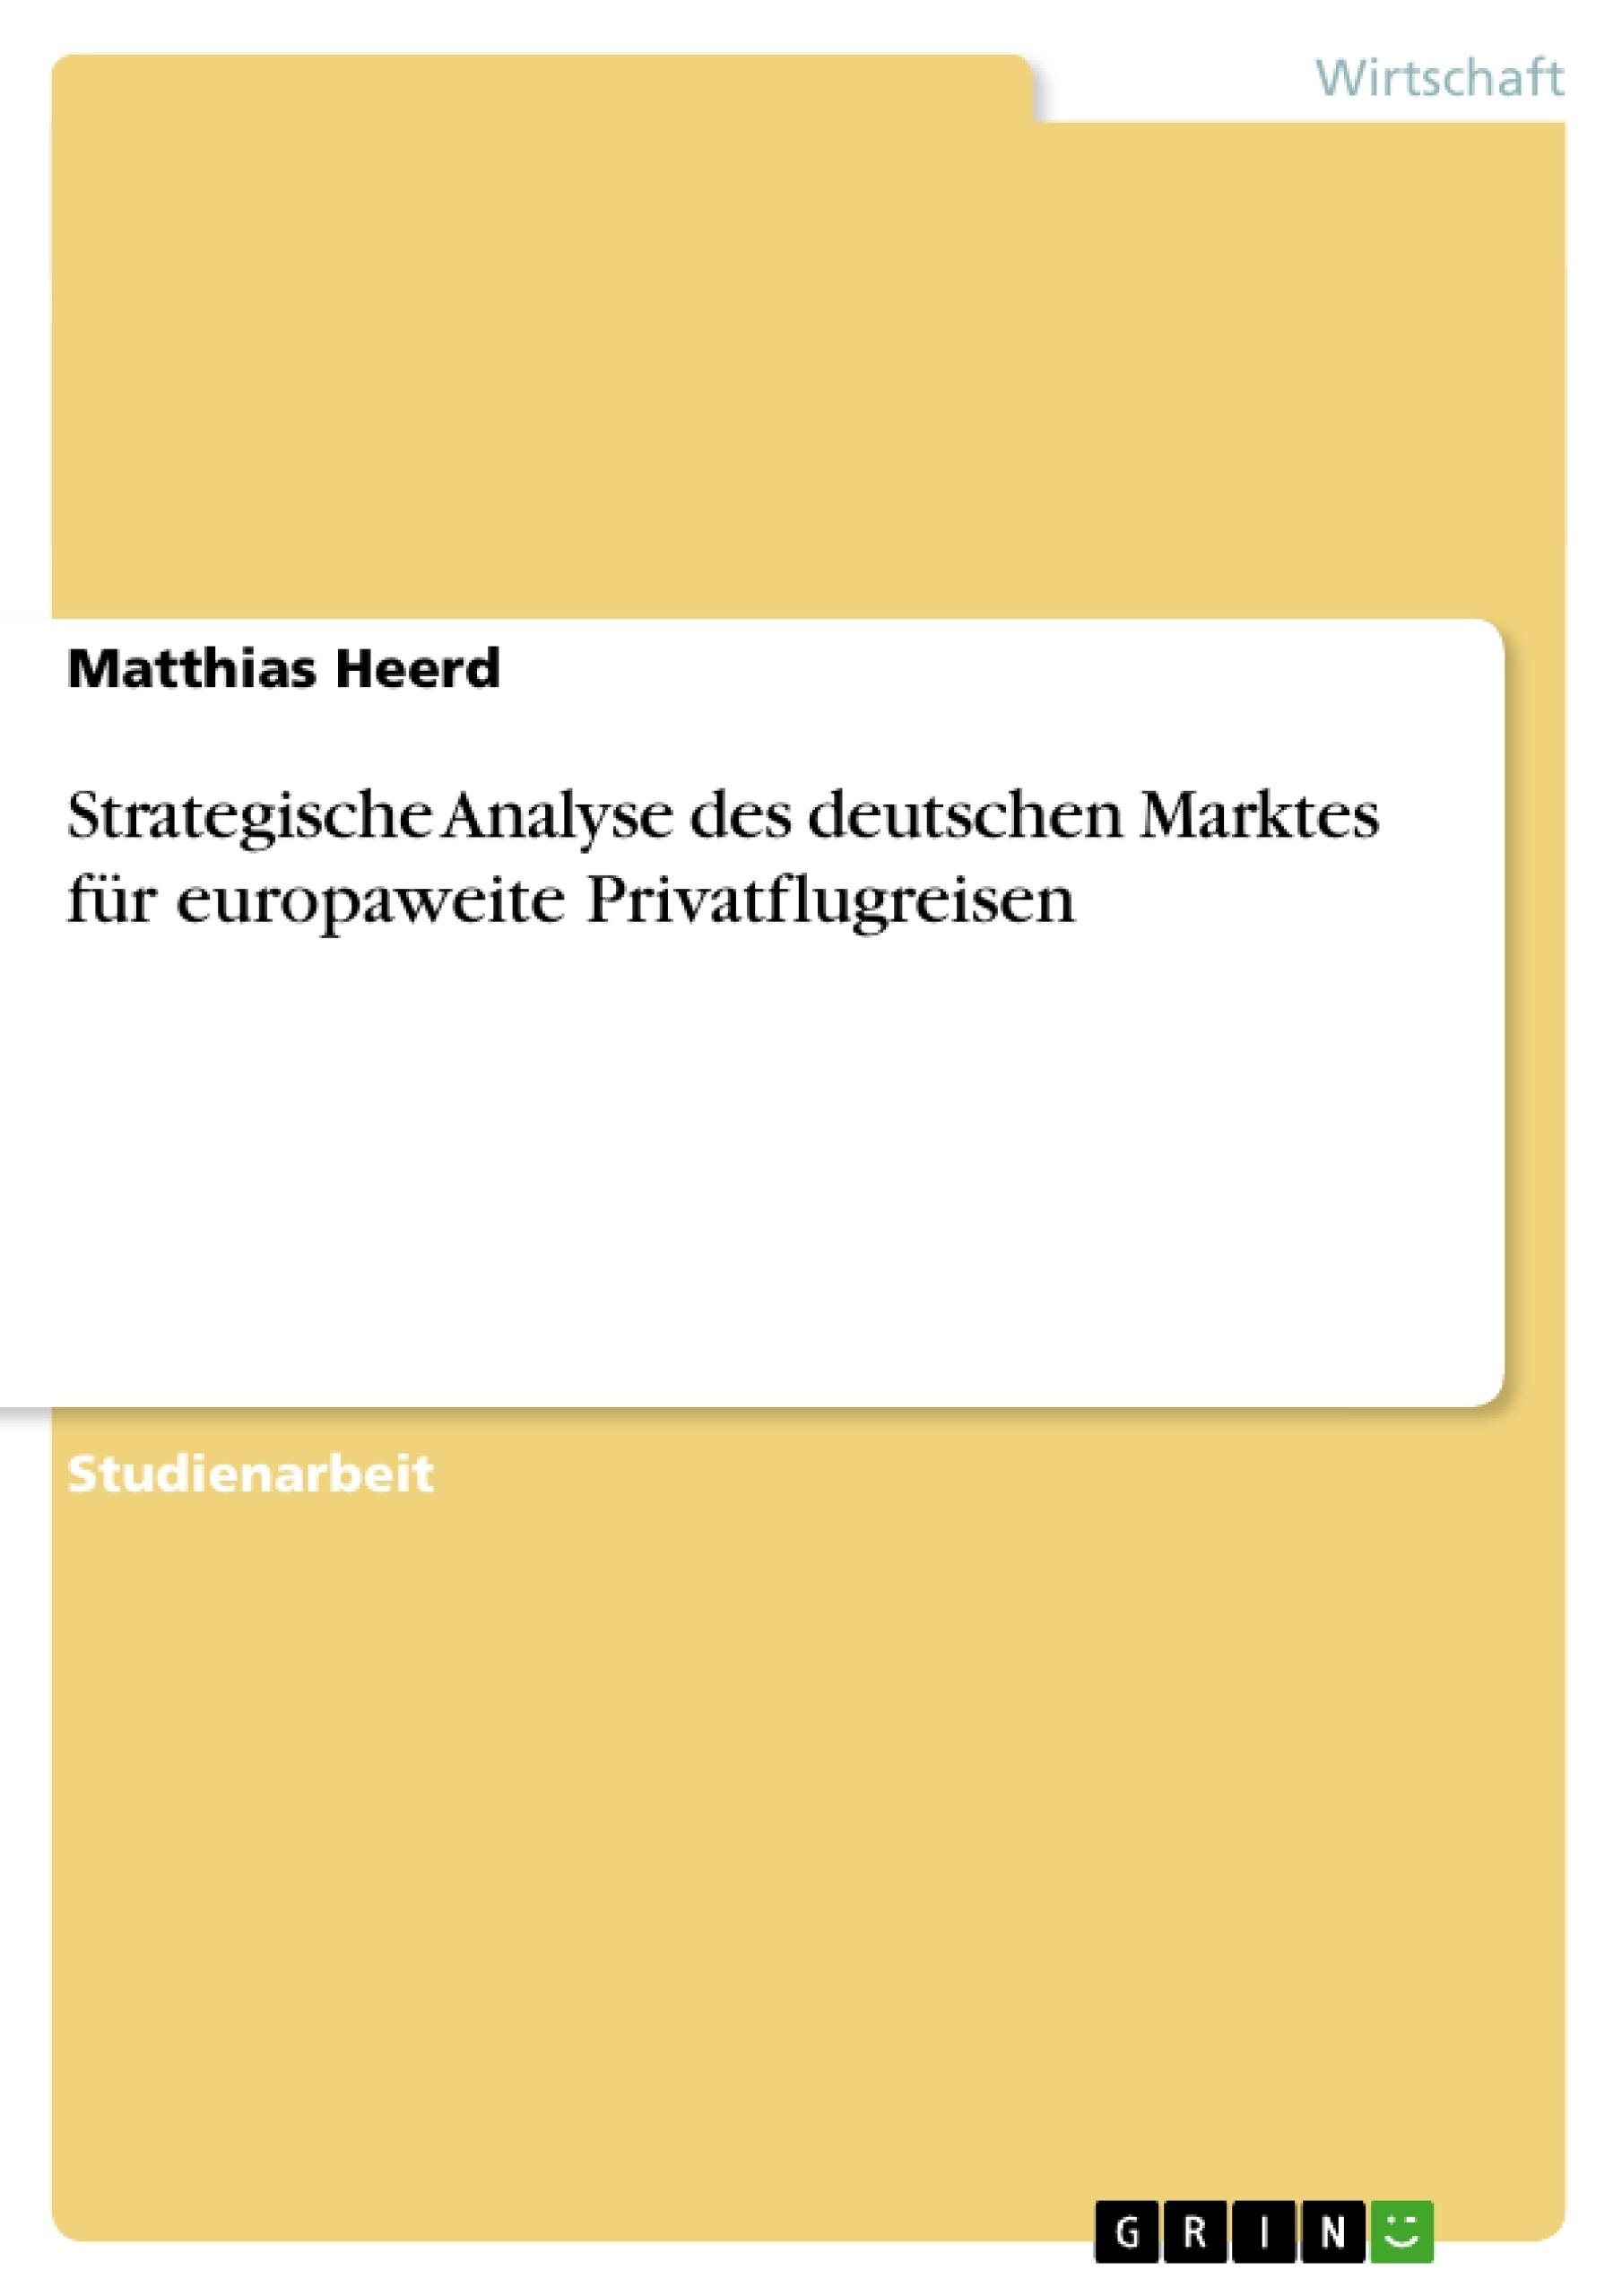 Titel: Strategische Analyse des deutschen Marktes für europaweite Privatflugreisen